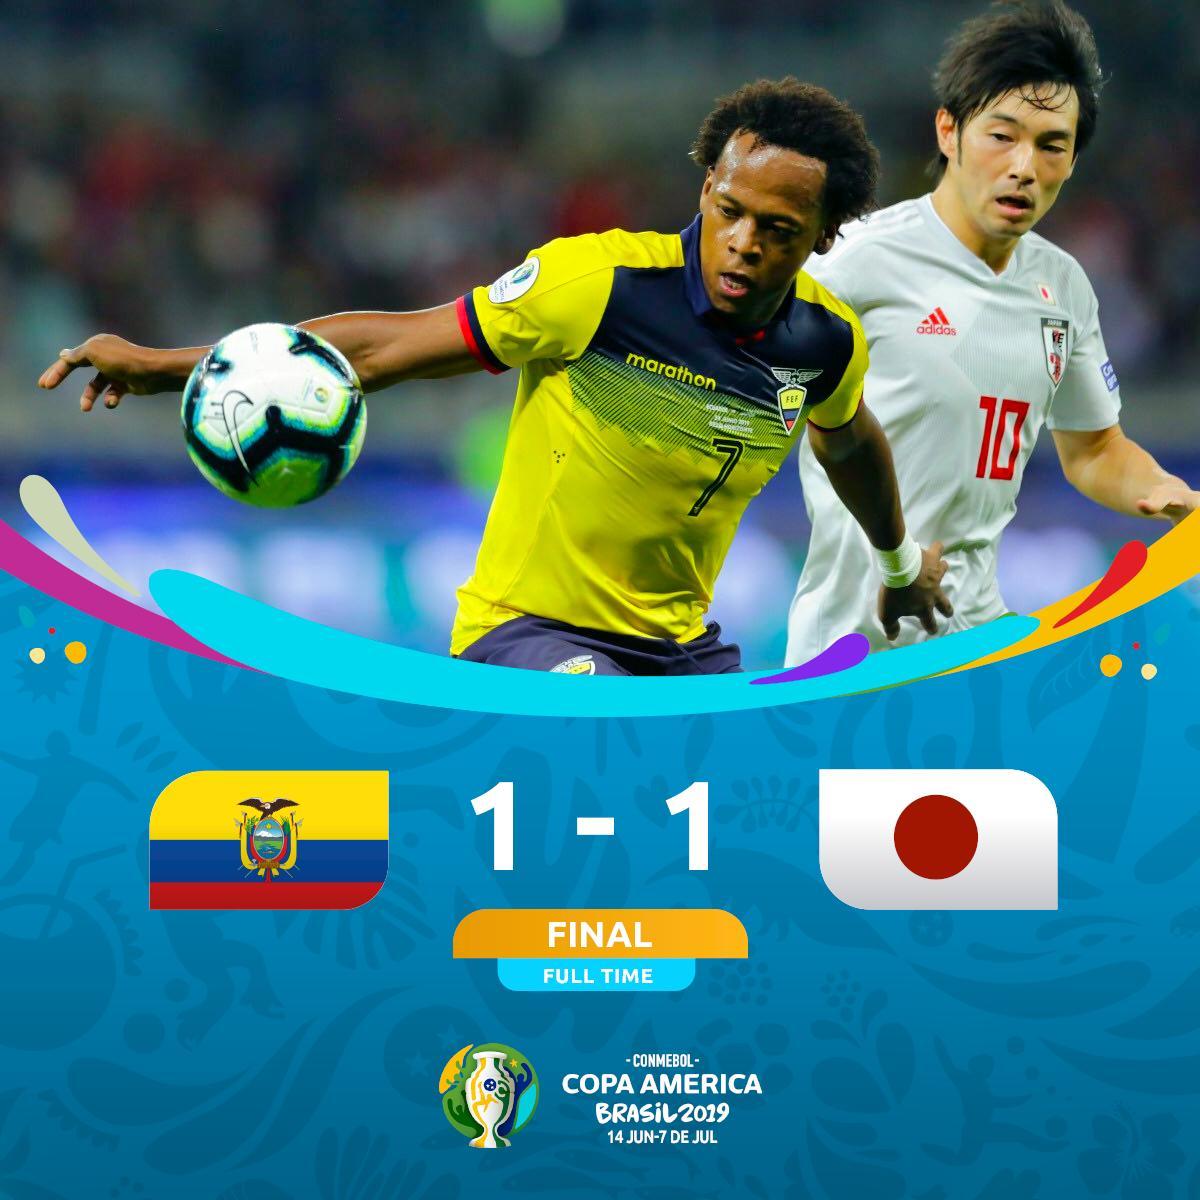 #CopaAmerica | #ECUJPN LEquateur et le Japon ont fait match nul 1-1 cette nuit. Avec le moins bon classement de tous les troisièmes de groupes, la Japon est éliminé de cette édition.